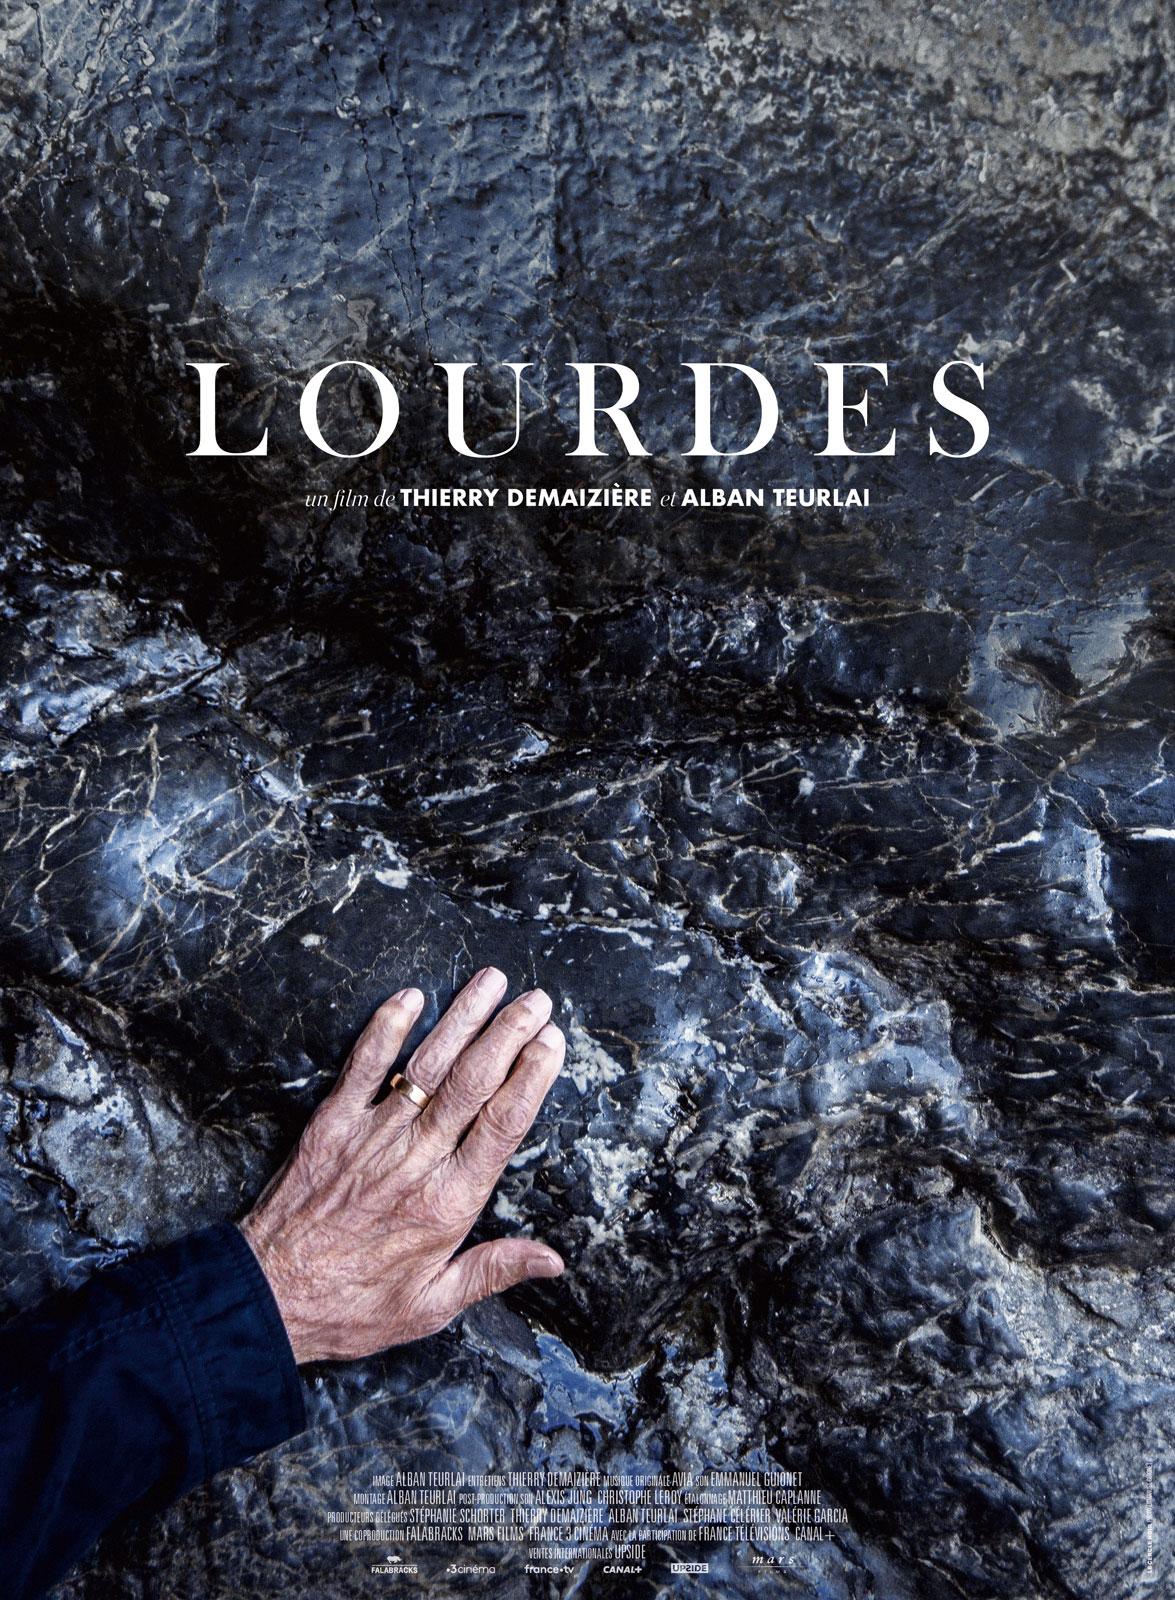 Soirée exceptionnelle autour du film Lourdes le 8 mai 2019 à Strasbourg (67)